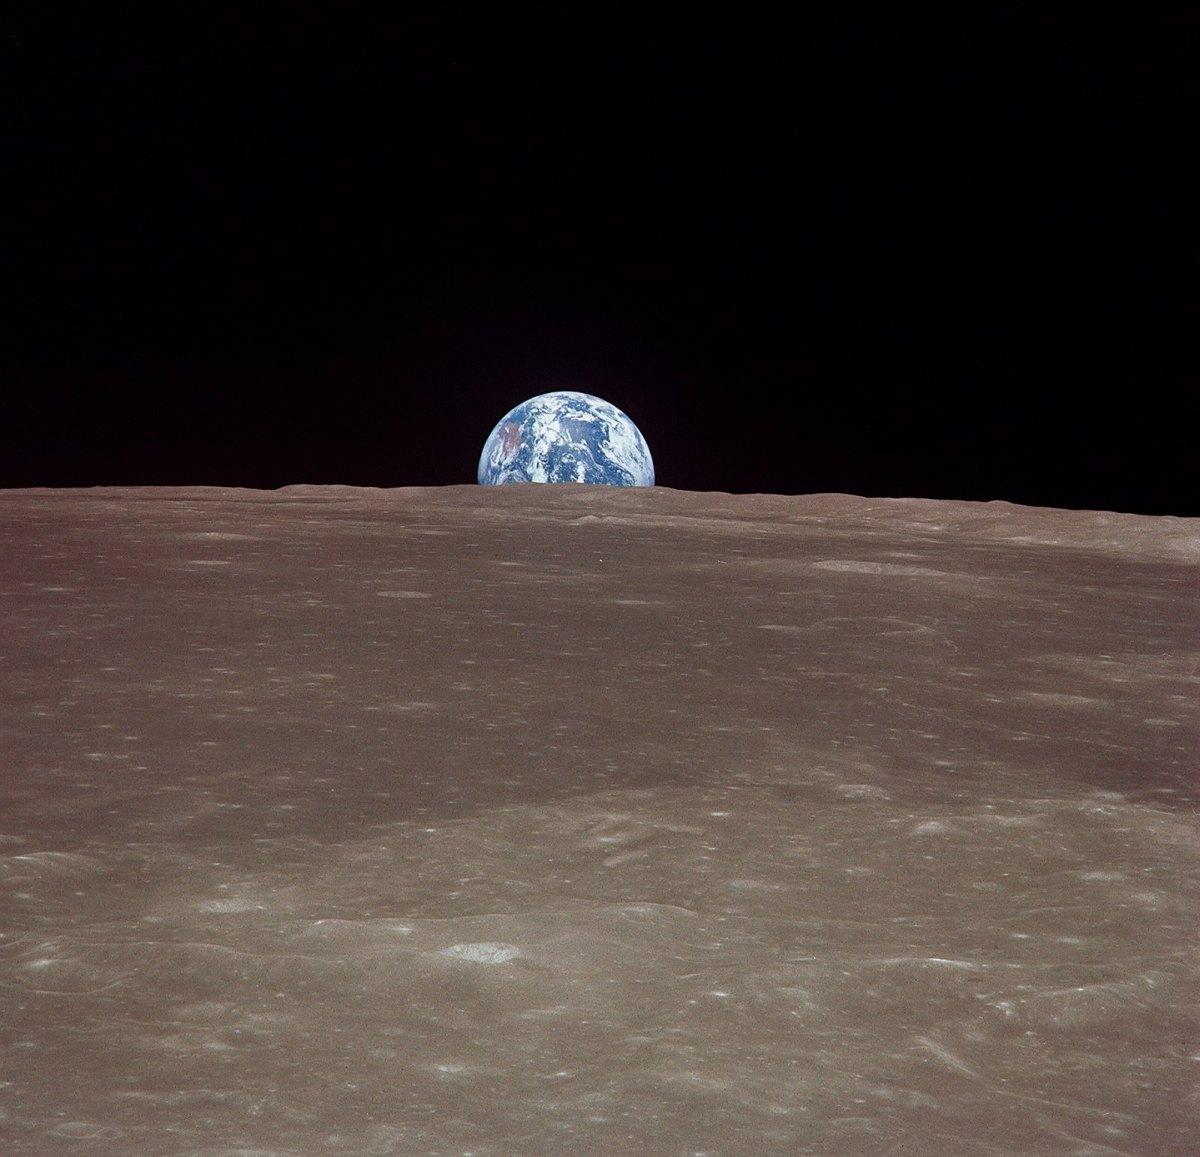 Vue du vaisseau Apollo 11, Terre se levant sur horizon de la Lune - Surface lunaire de image est proche de la Mer de Smyth, Lune © NASA - as11-44-6548 - 16-24 Juillet 1969